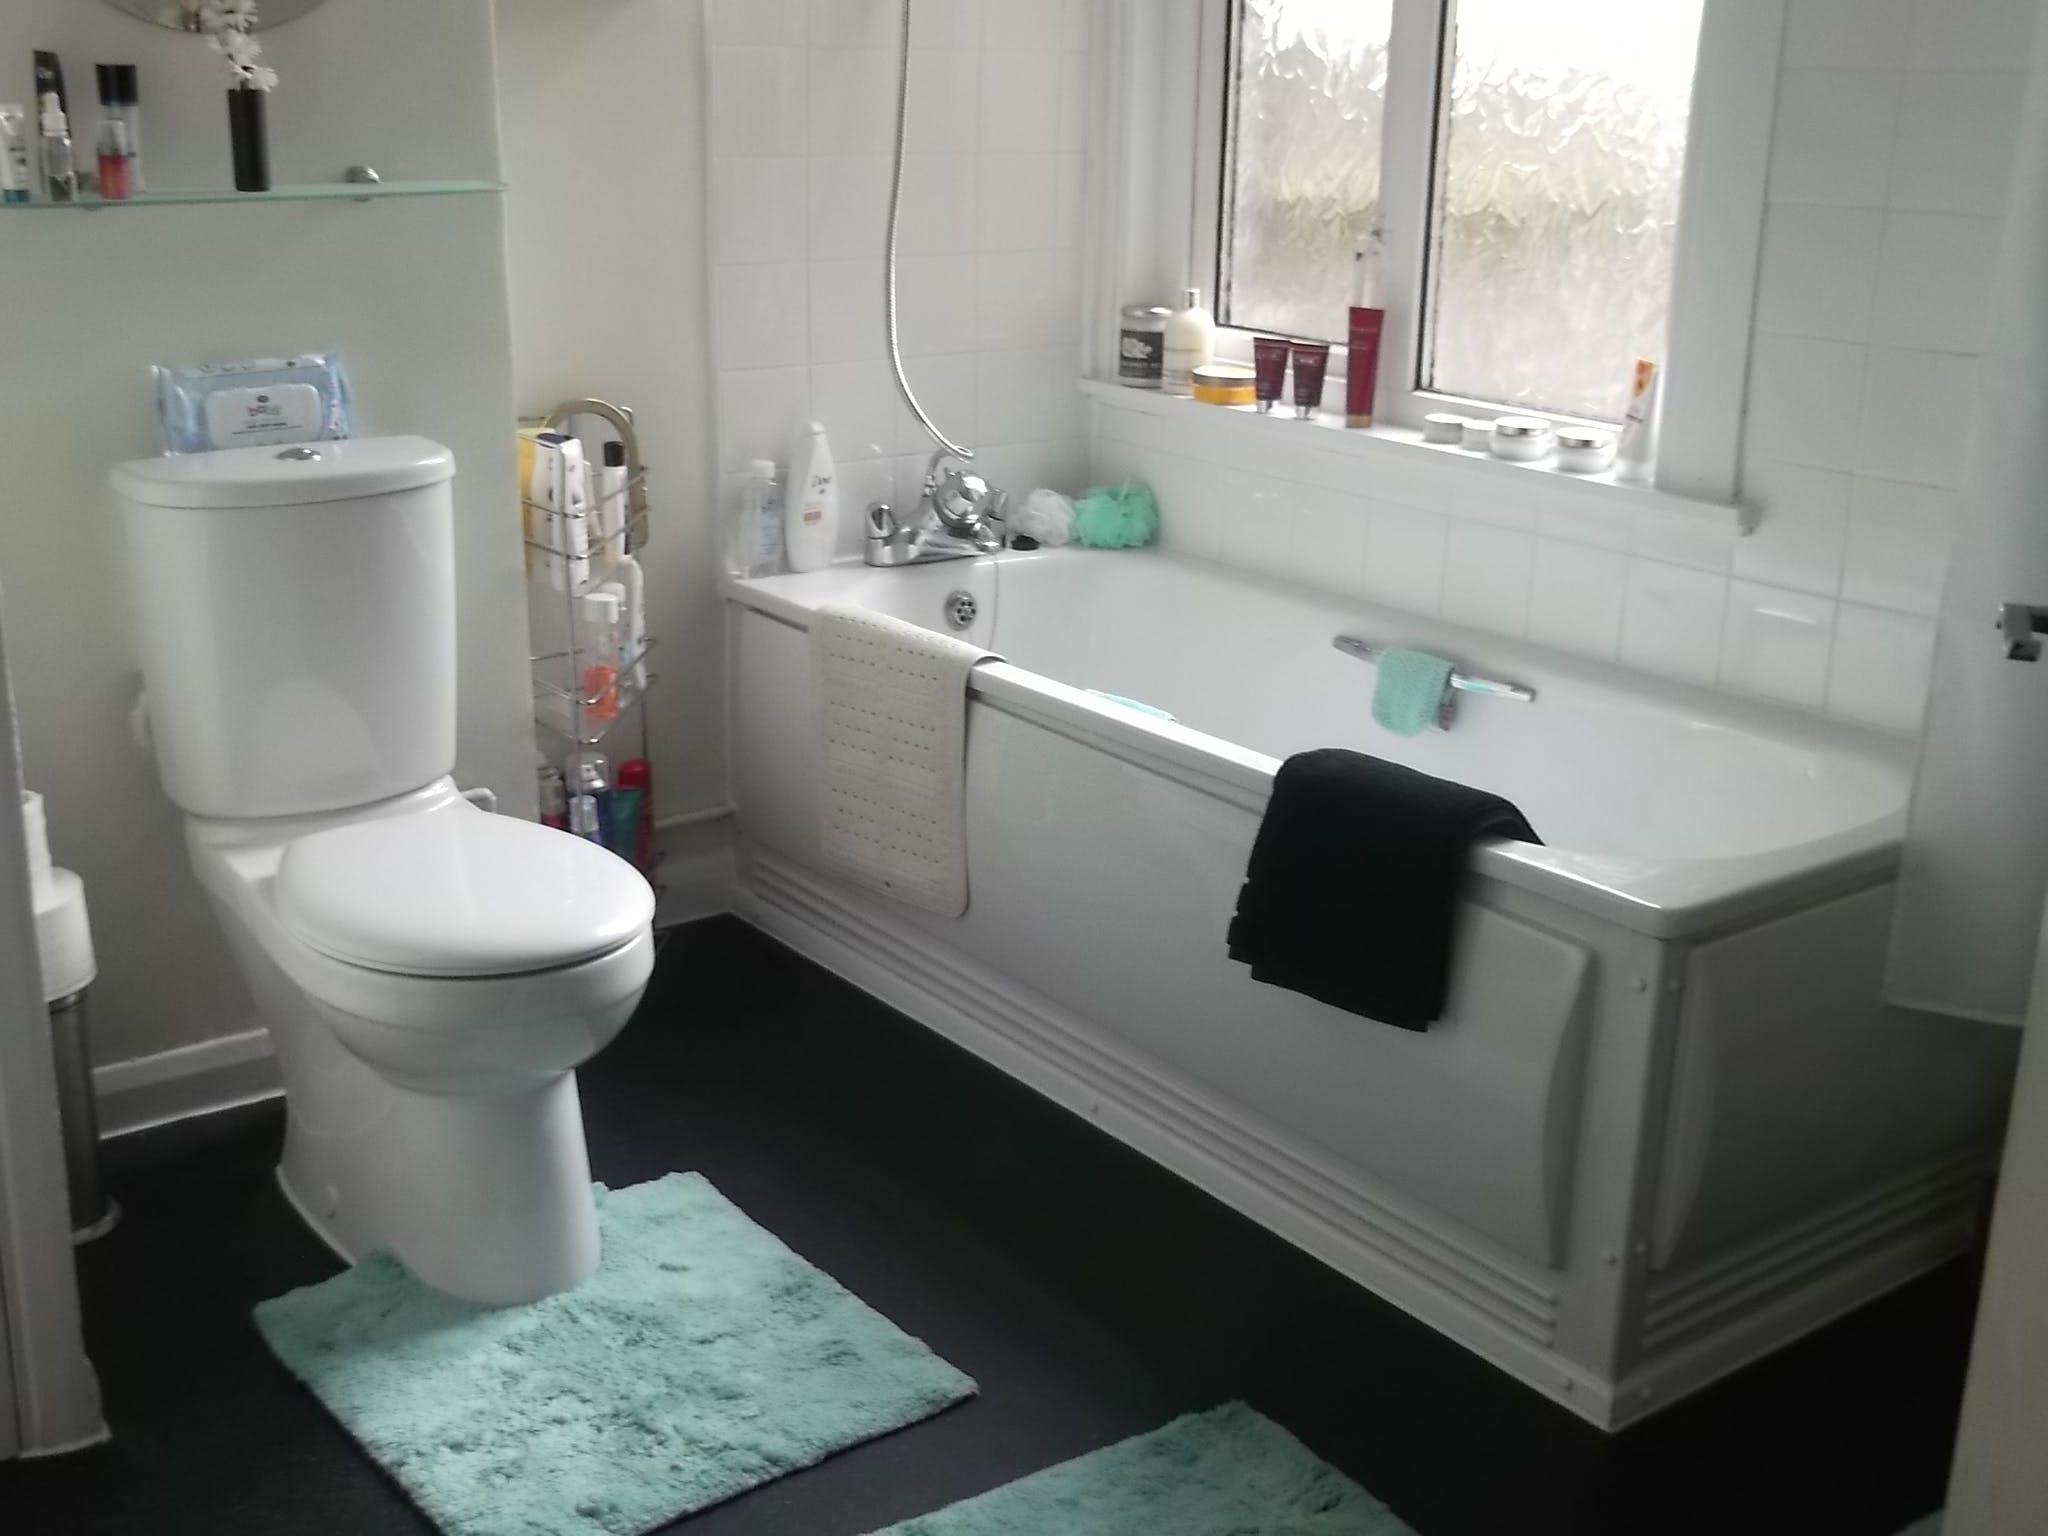 Bathroom_(1)